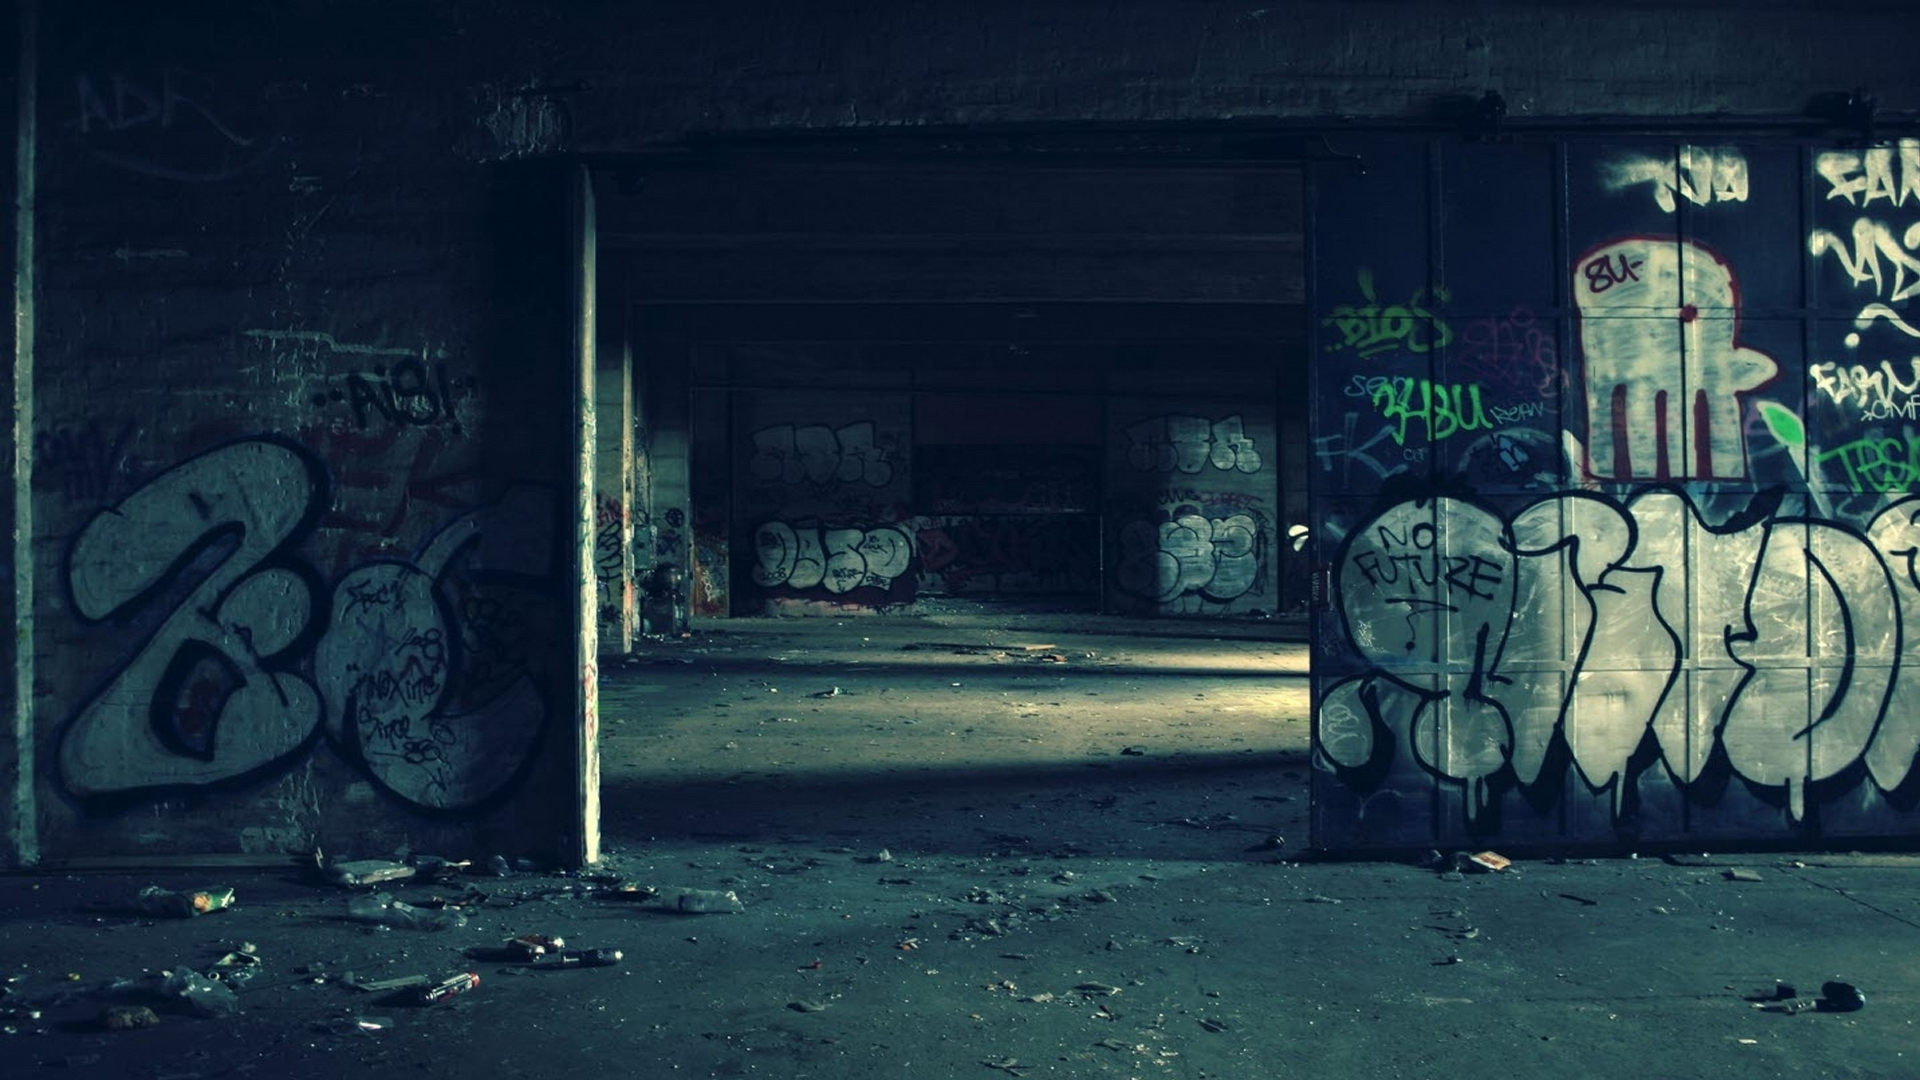 hip hop wallpapers, cool hip hop backgrounds | 38 superb hip hop